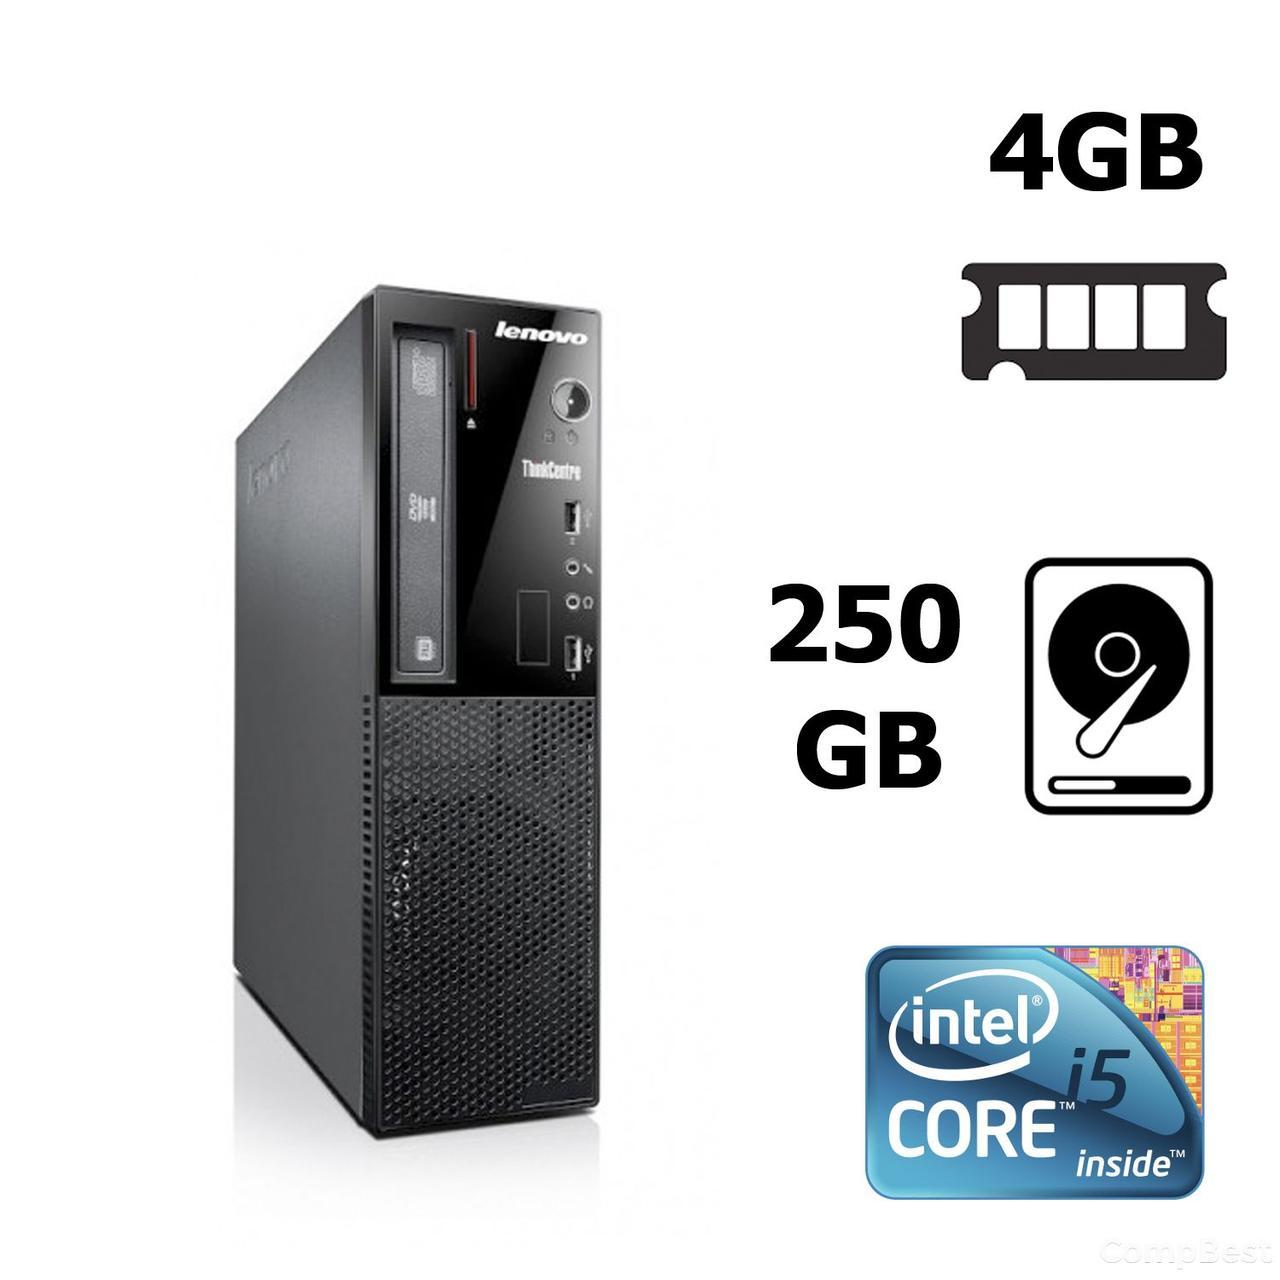 Lenovo ThinkCentre  Е73 SFF / Intel® Core™ i5-4430S (4 ядра по 2.7 - 3.2 GHz) / 4 GB DDR3 / 500 GB HDD